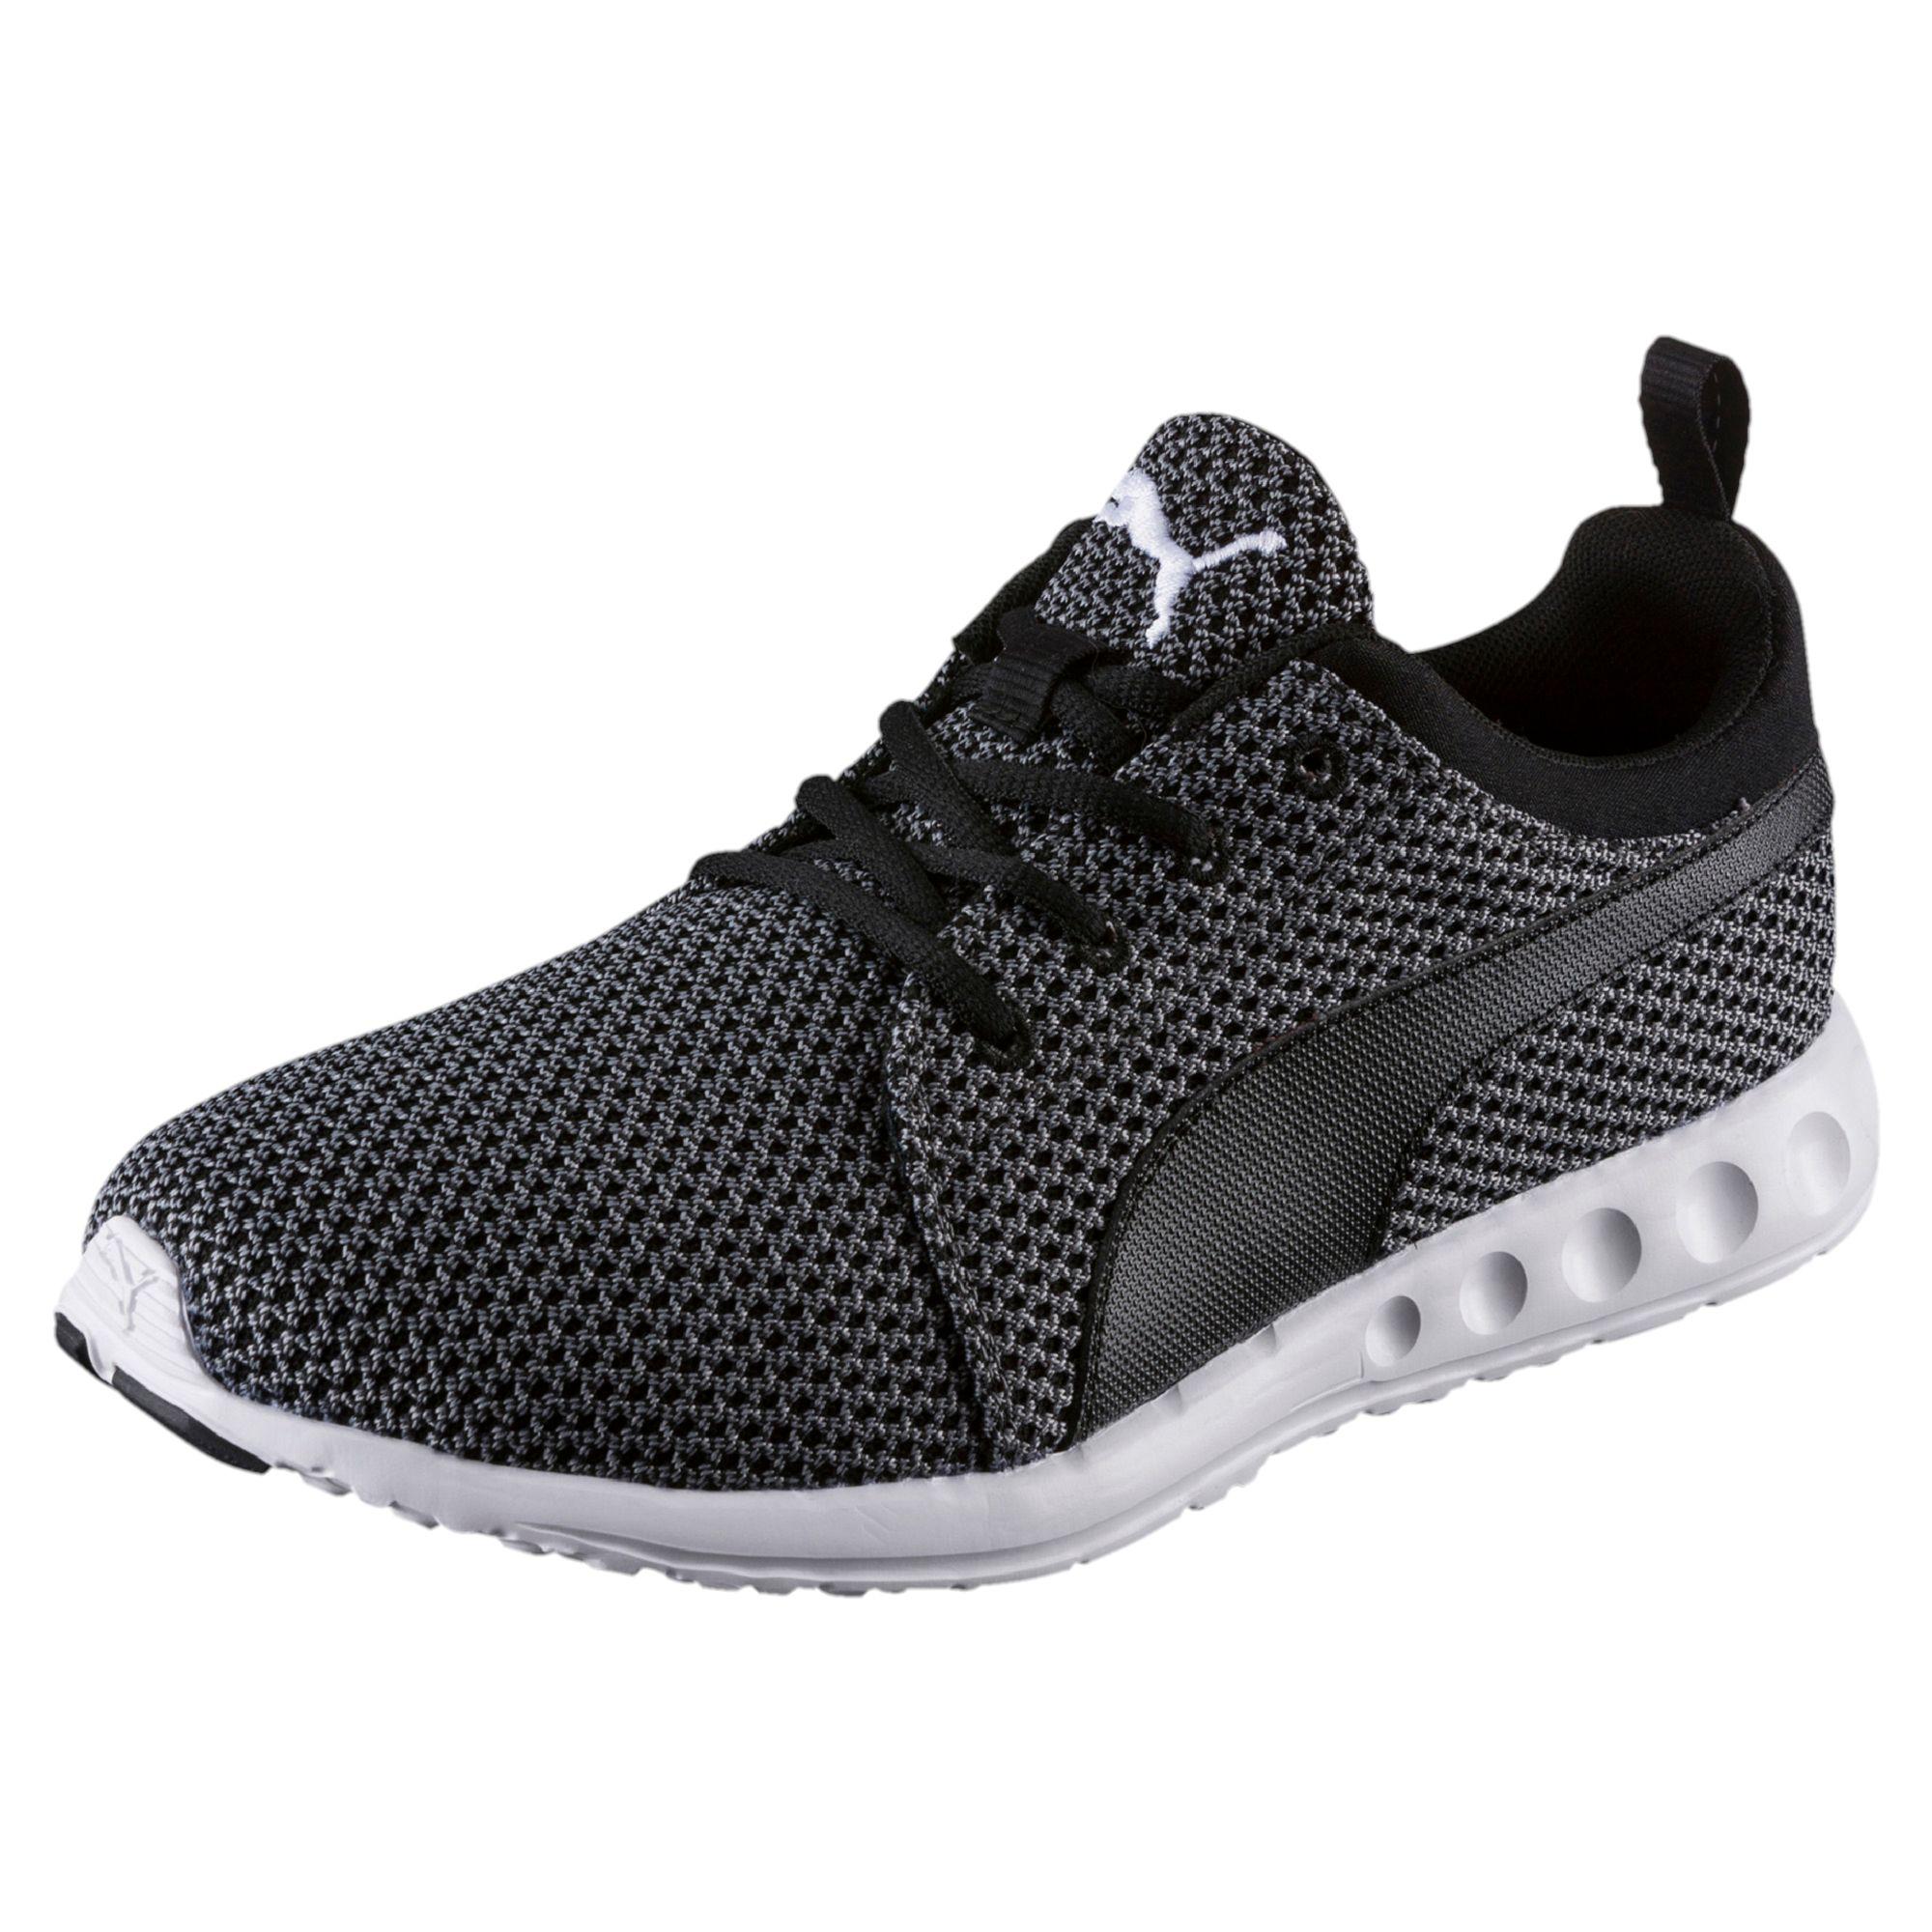 puma 2017. puma-carson-knitted-men-039-s-running-shoes- puma 2017